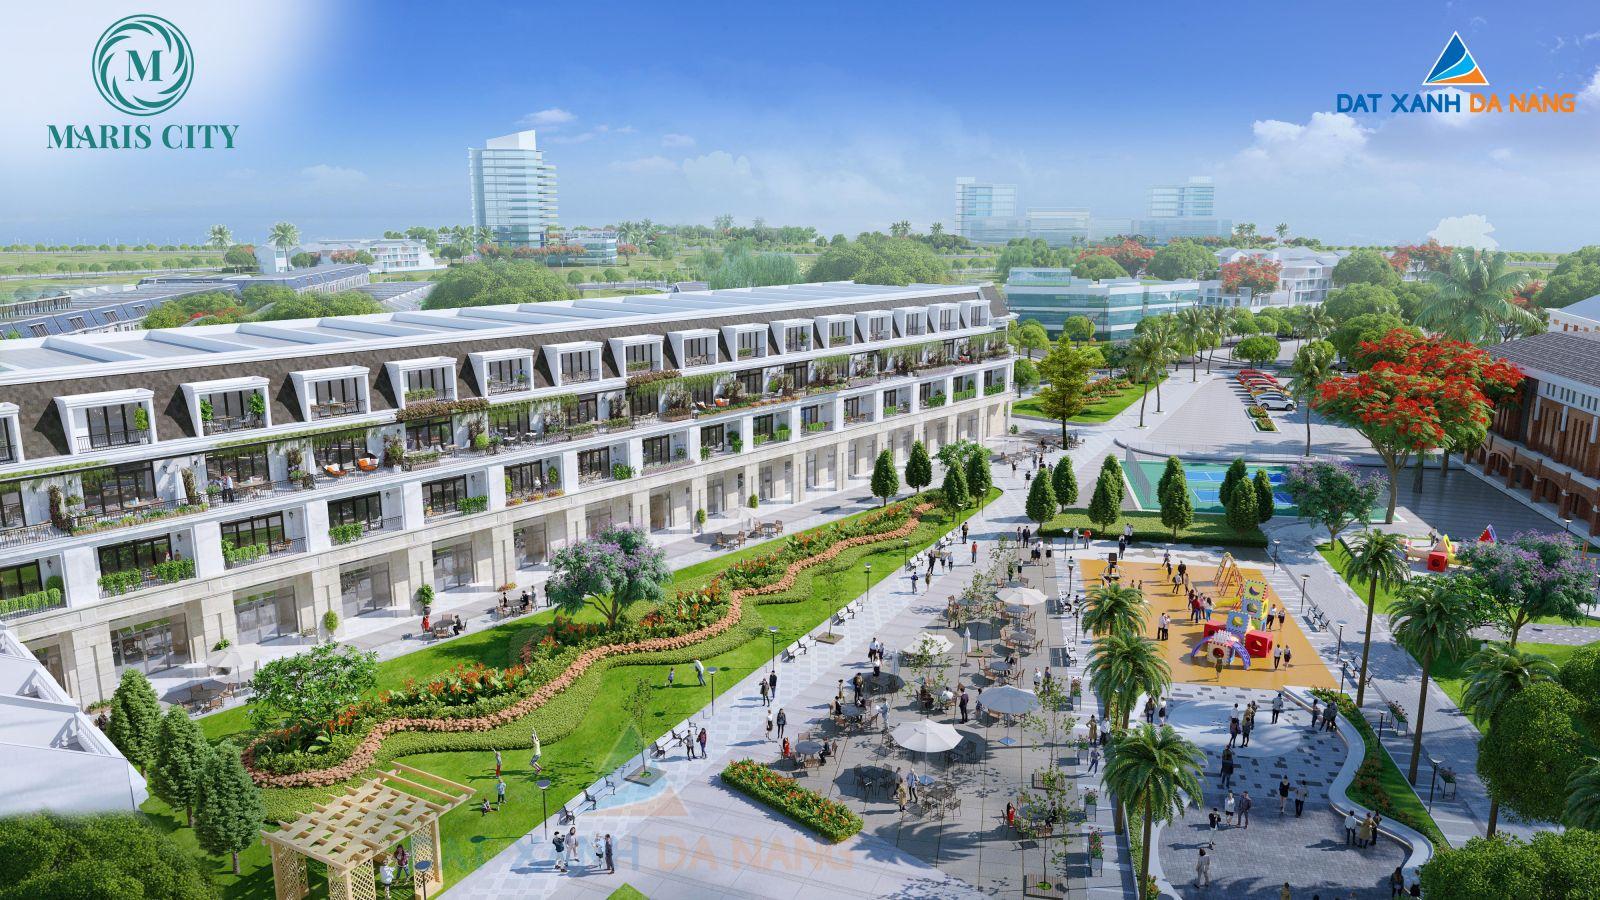 maris city qn - DỰ ÁN ĐẤT NỀN MARIS CITY QUẢNG NGÃI